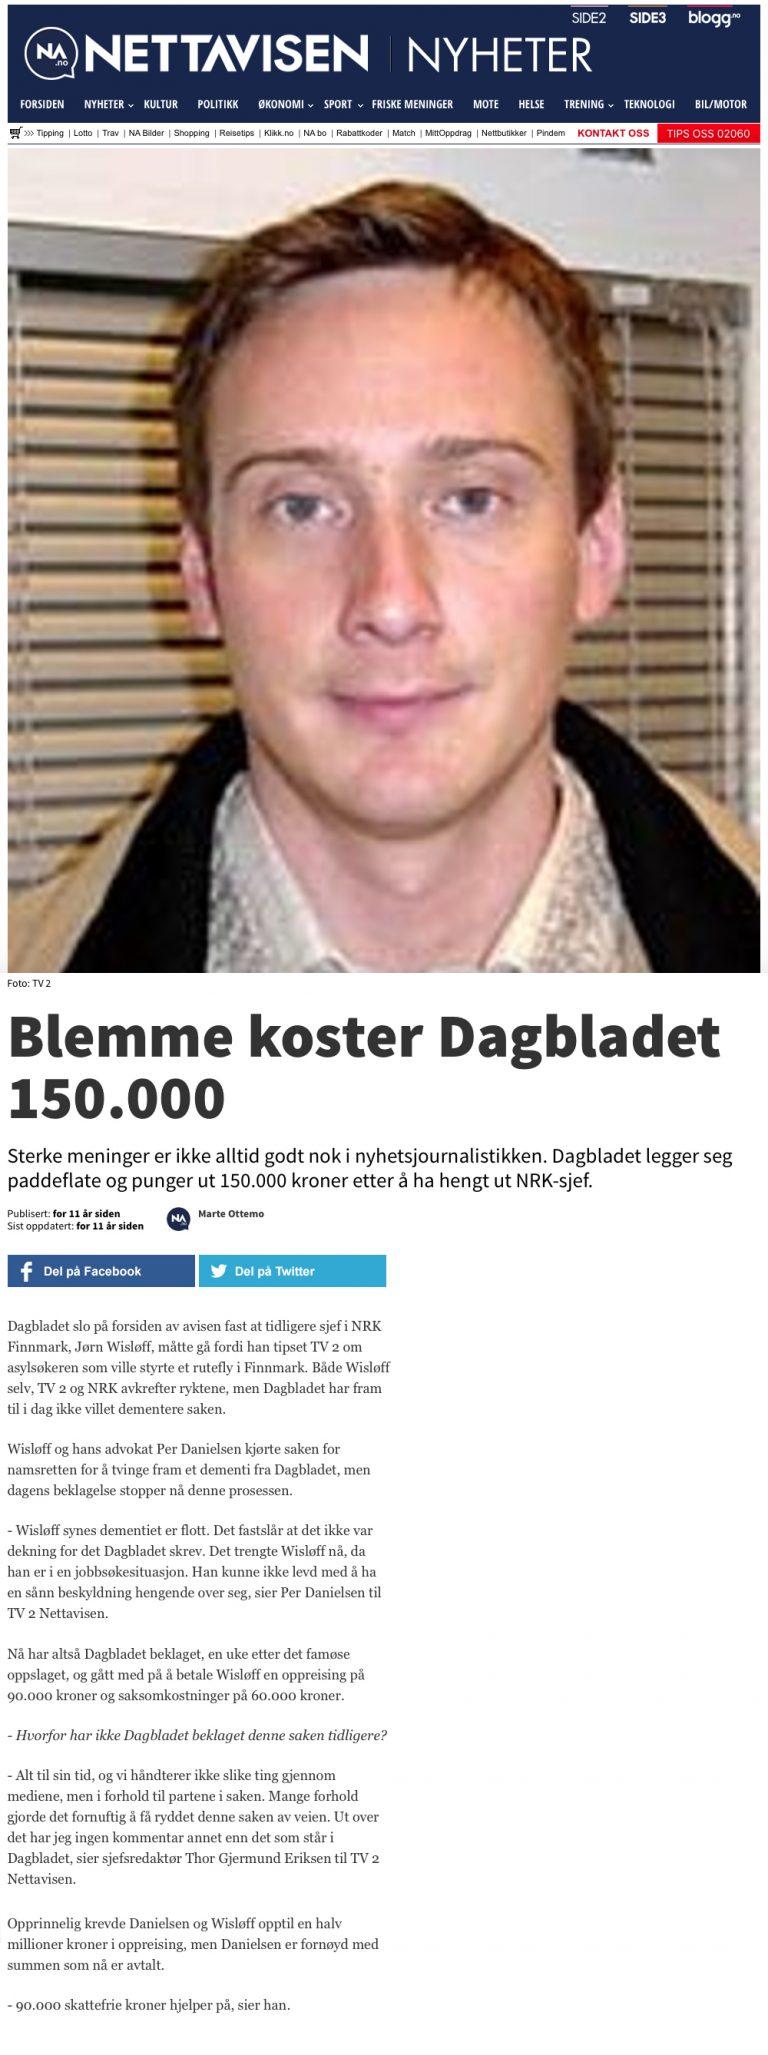 Ærekrenkelse NRK betaler 150.000. Advokat Danielsen & Co. Per Danielsen. Advokat i Oslo.